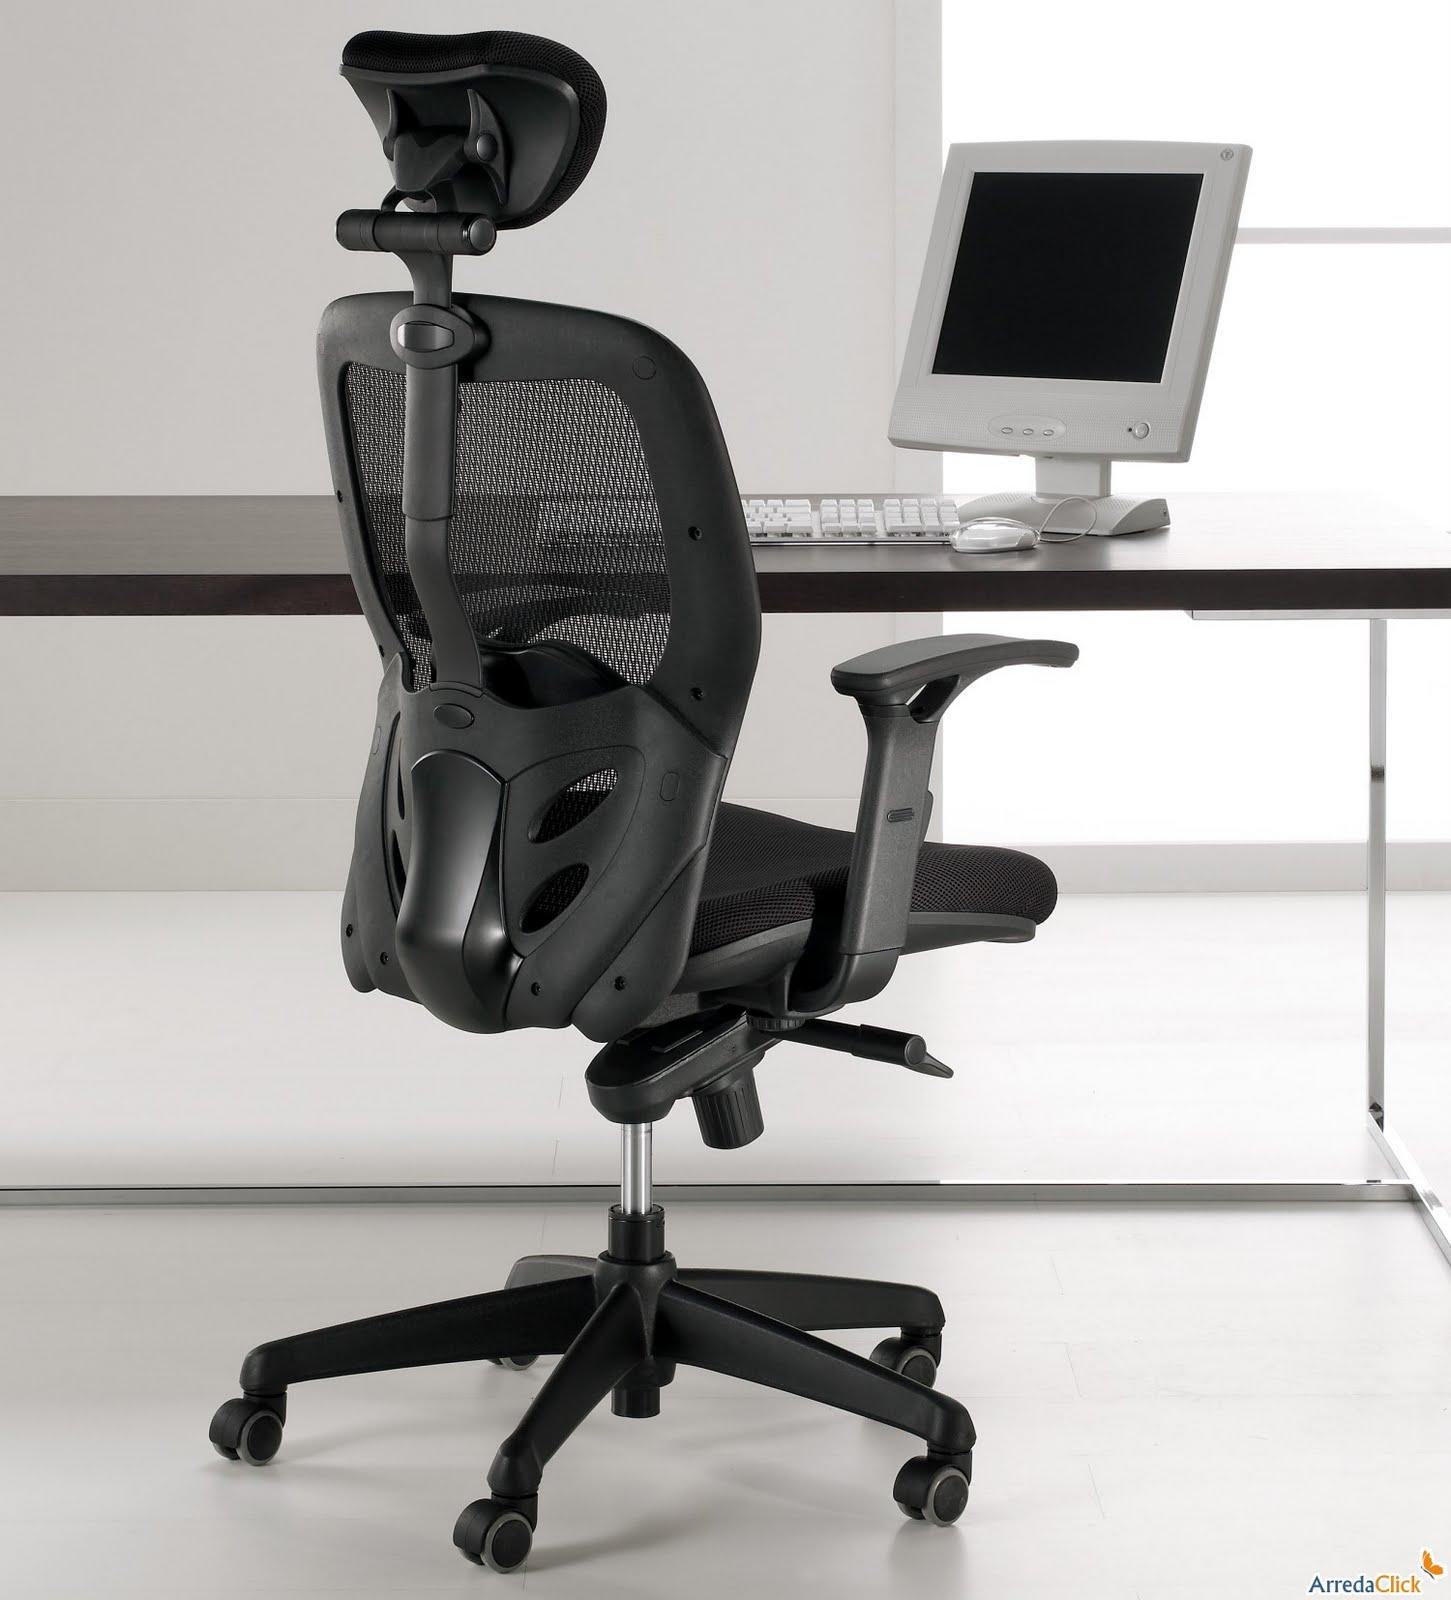 ArredaClick - Il blog sull'arredamento italiano online: Sedie da ufficio: comodità garantita